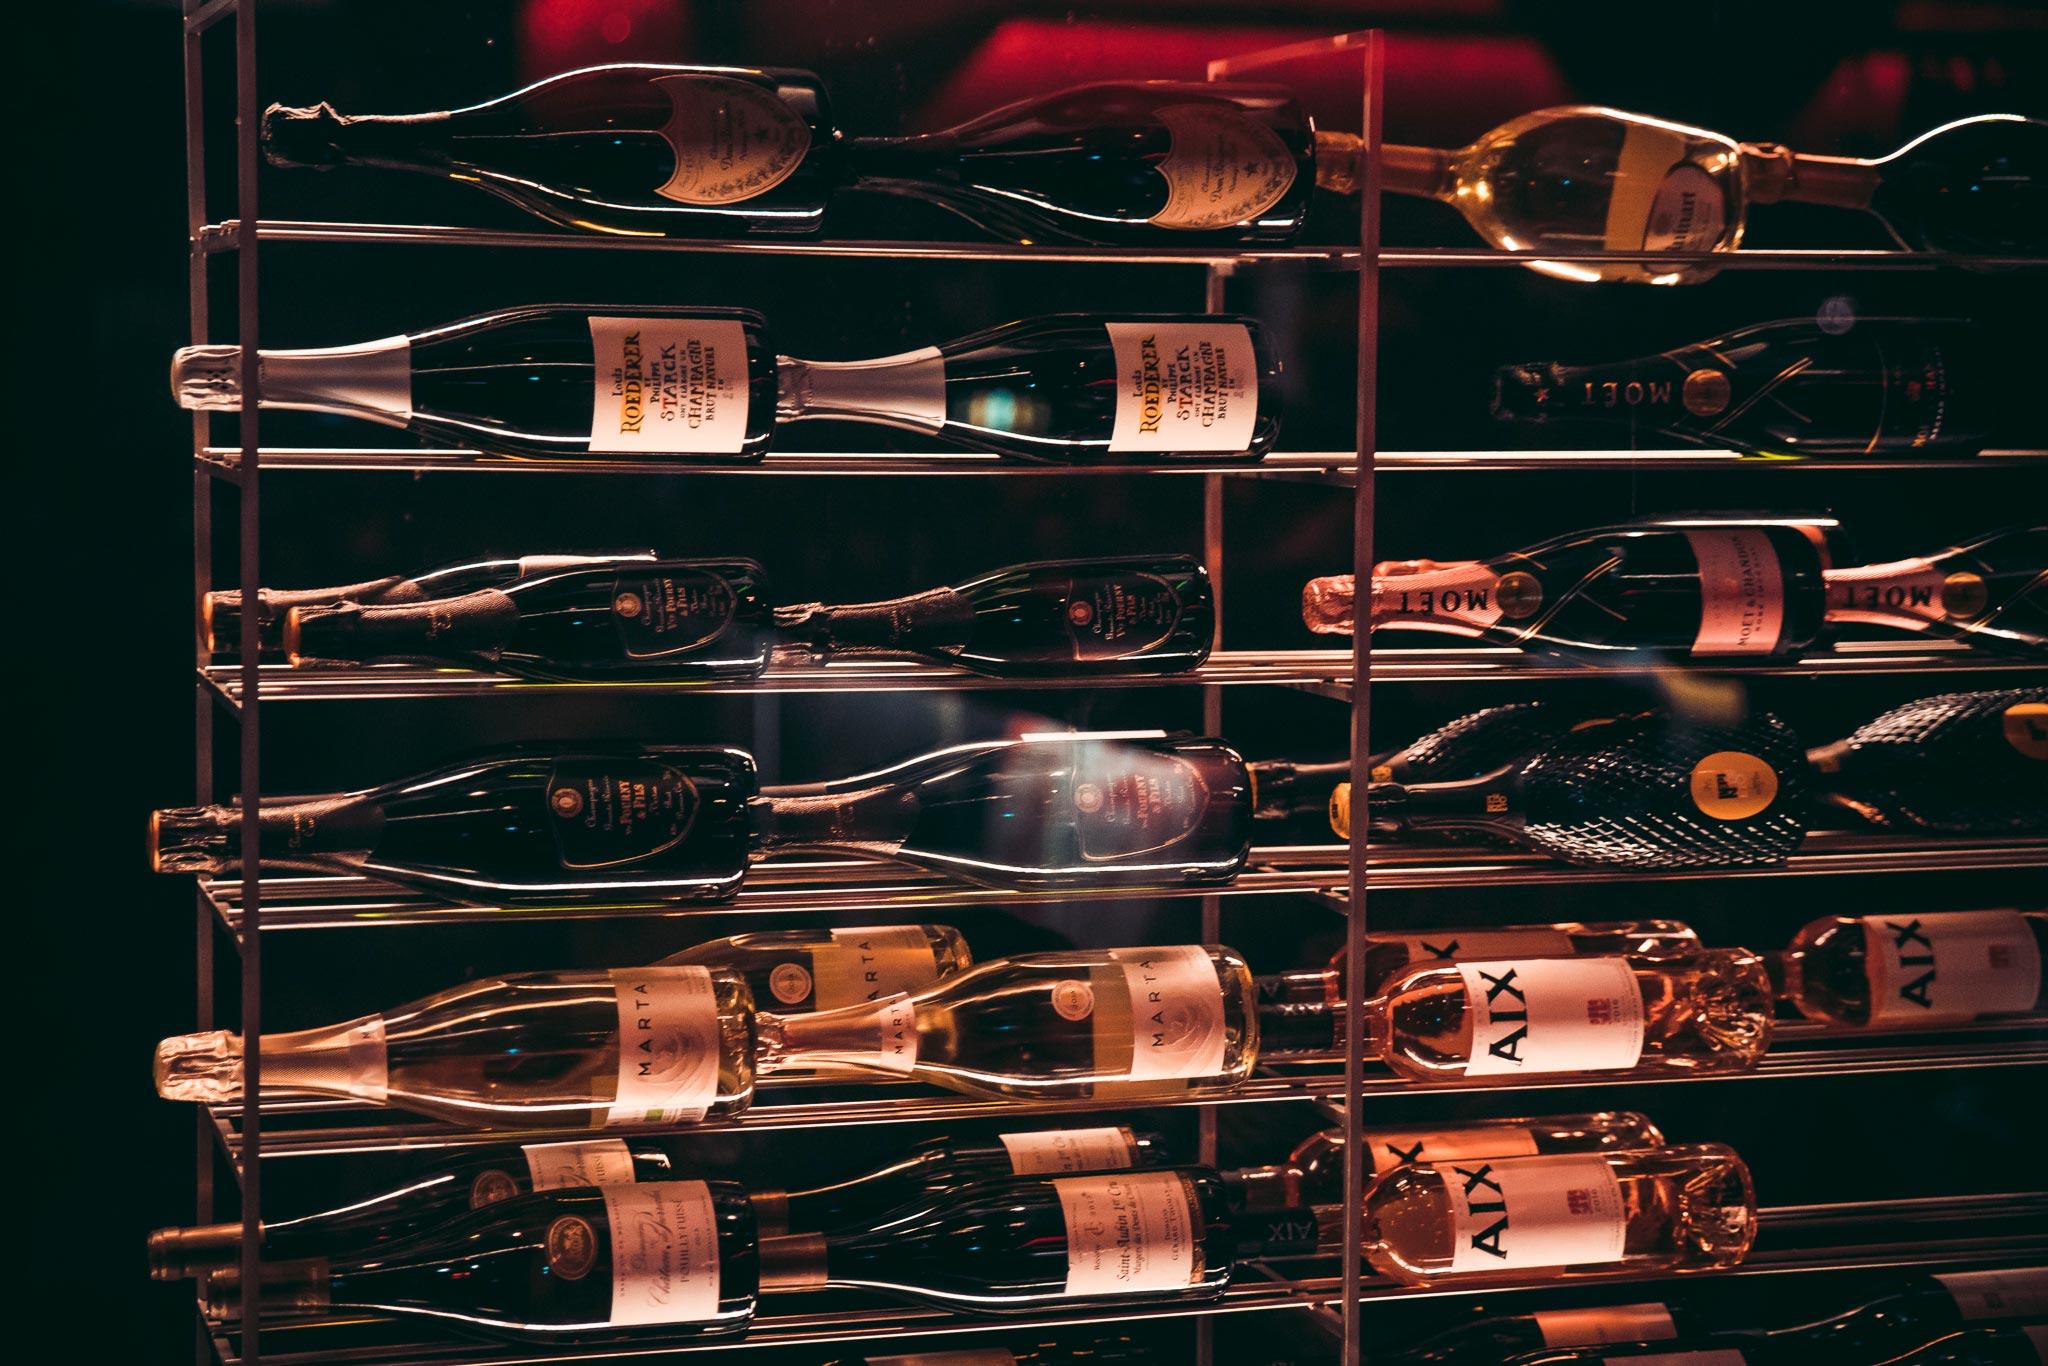 champagnes en wijnen in een klimaatkast